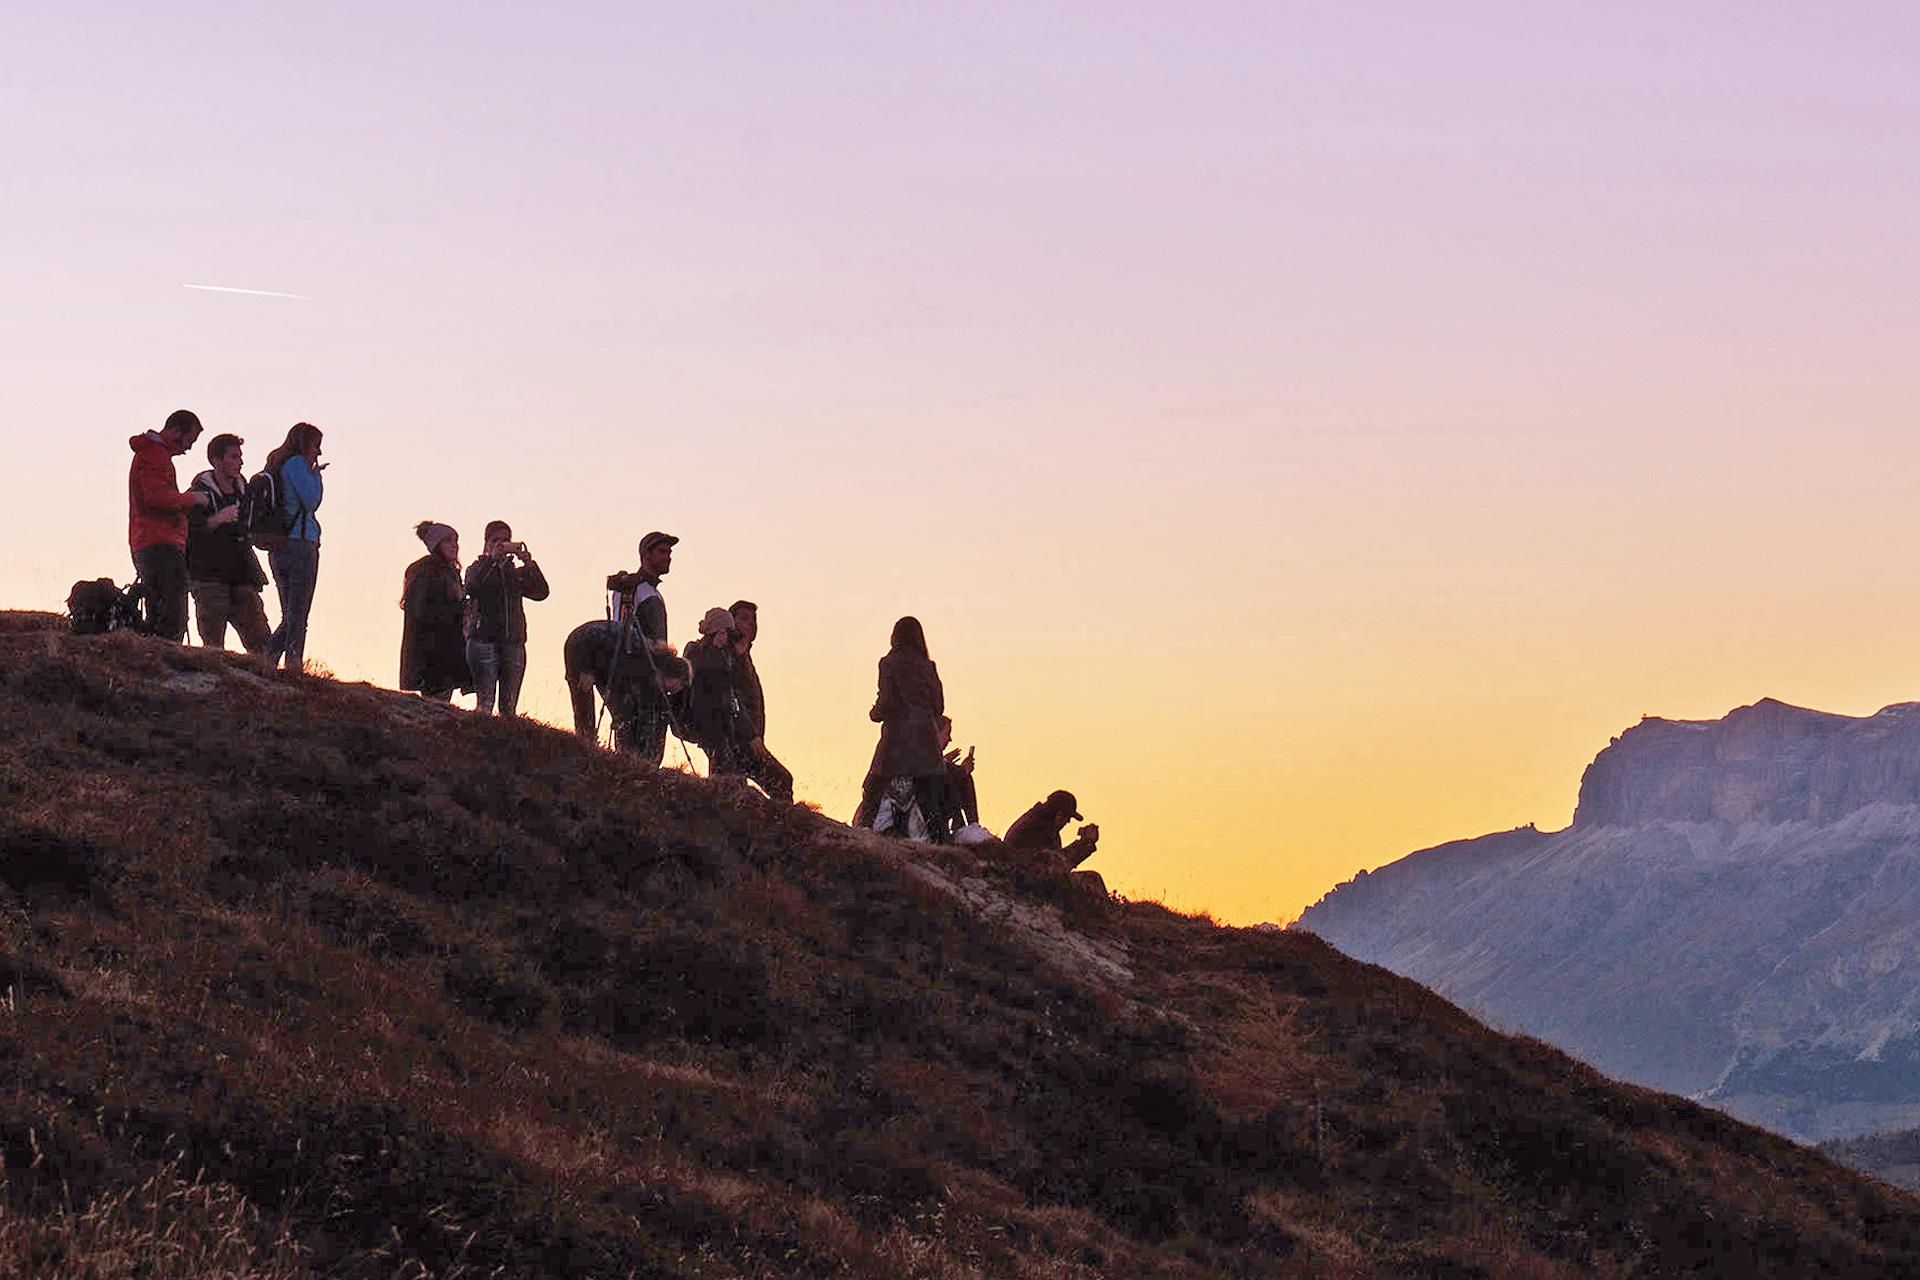 Junge Leute auf einem Hügel. Im Hintergrund ein Sonnenuntergang